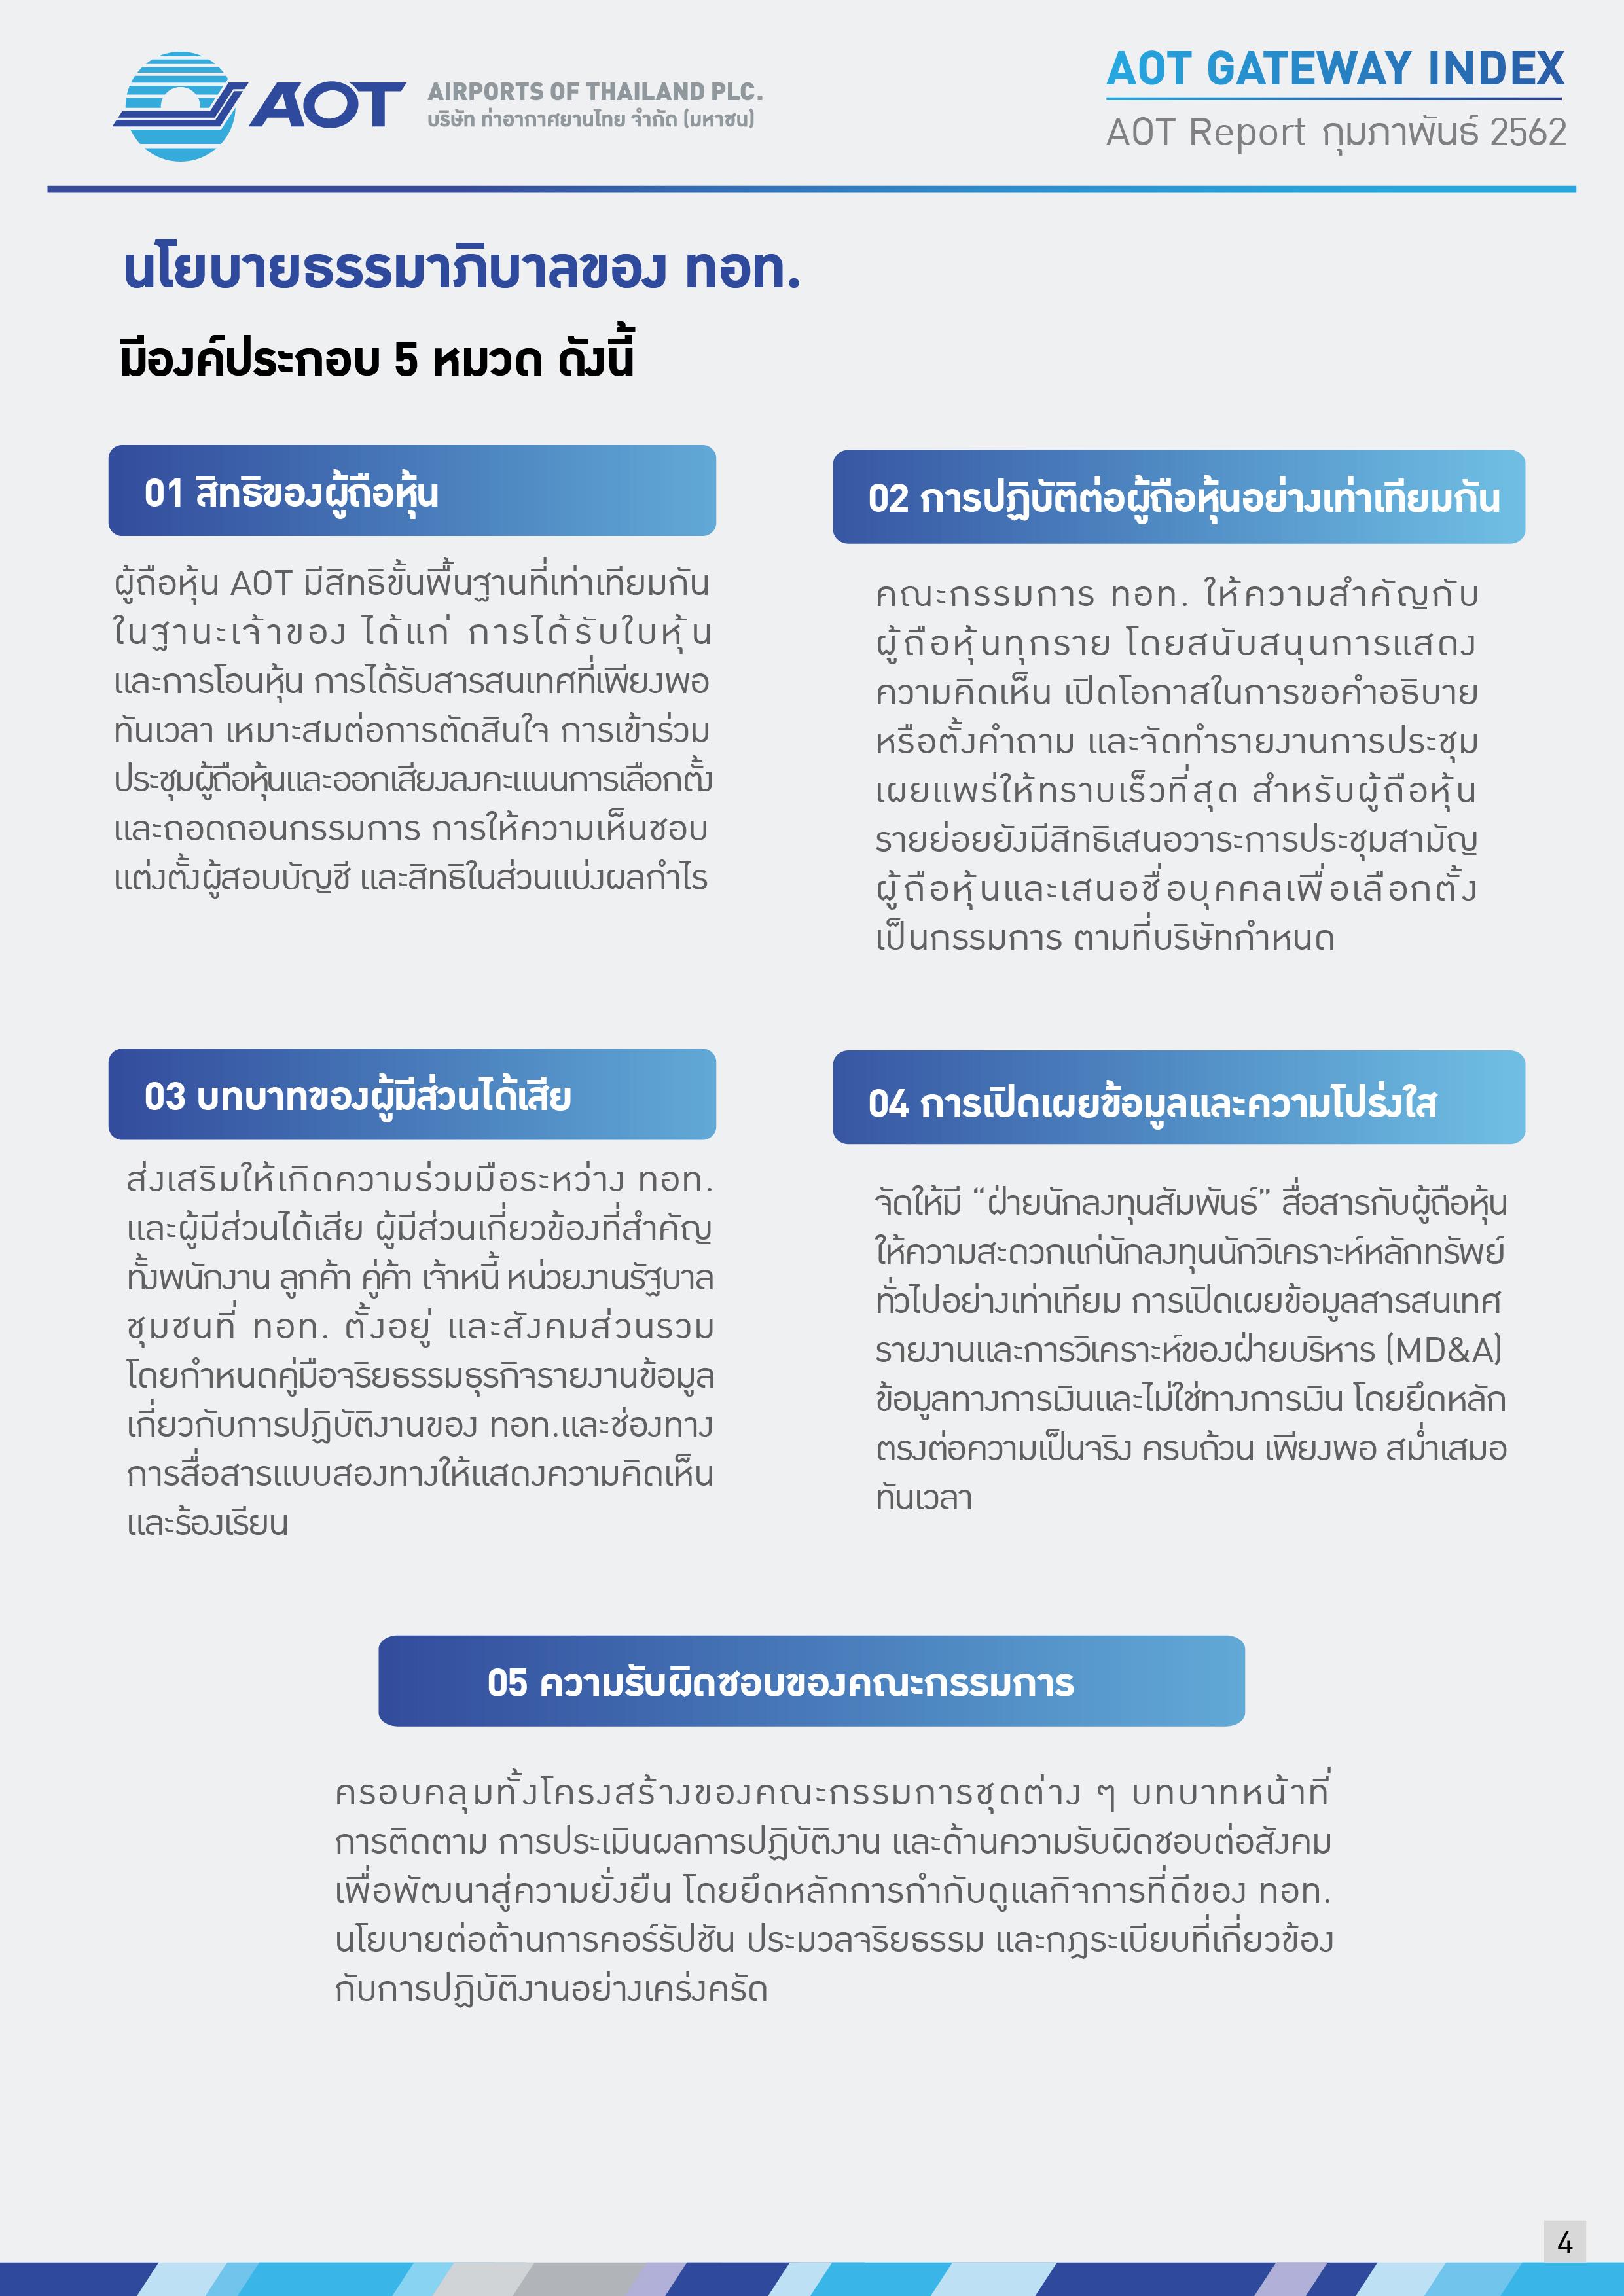 AOT_Index_03_20190418_V.7_Page04